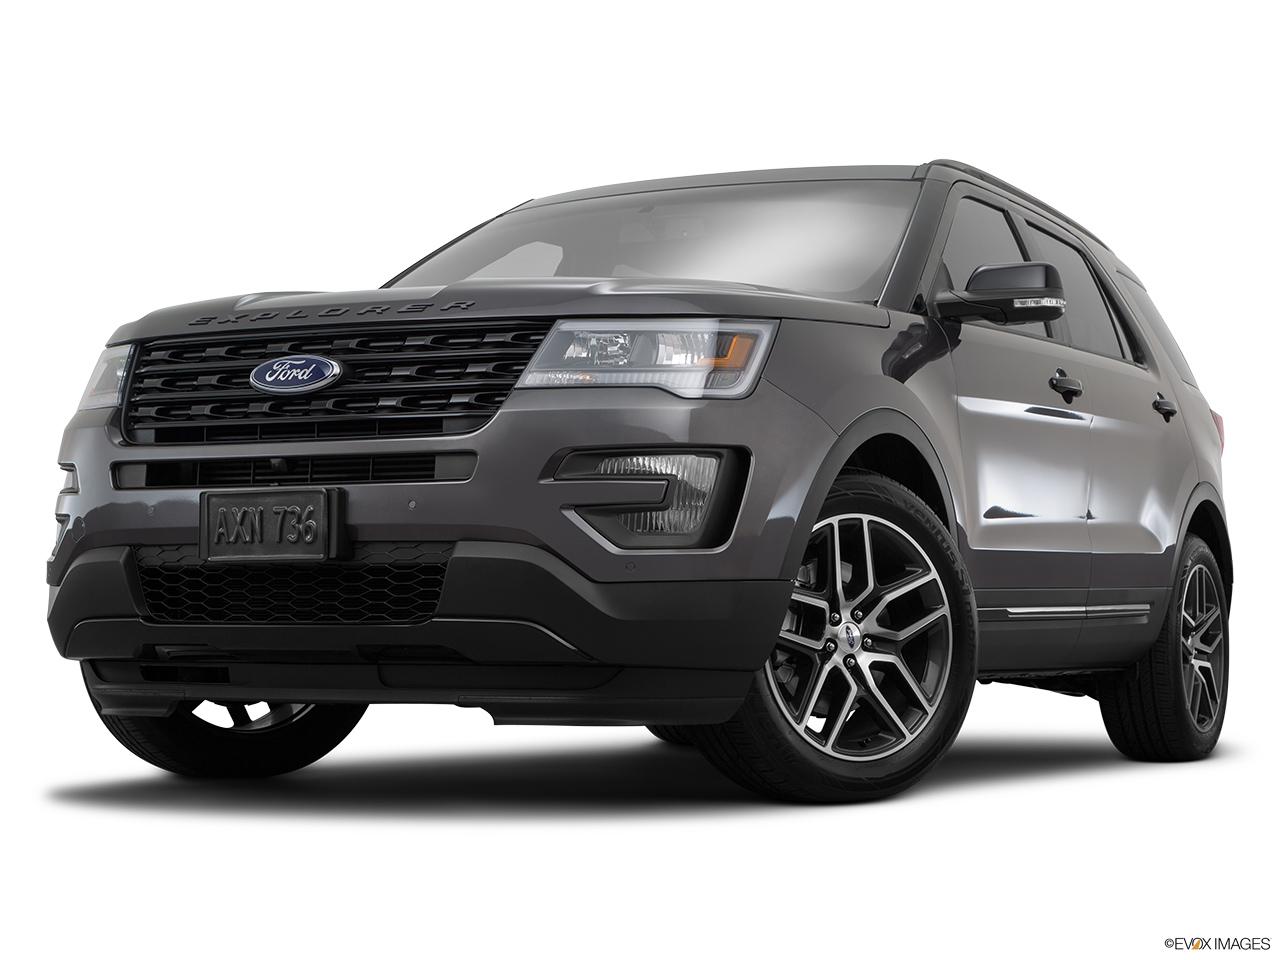 ford explorer 2017 3 5l v6 sport ecoboost in uae new car. Black Bedroom Furniture Sets. Home Design Ideas